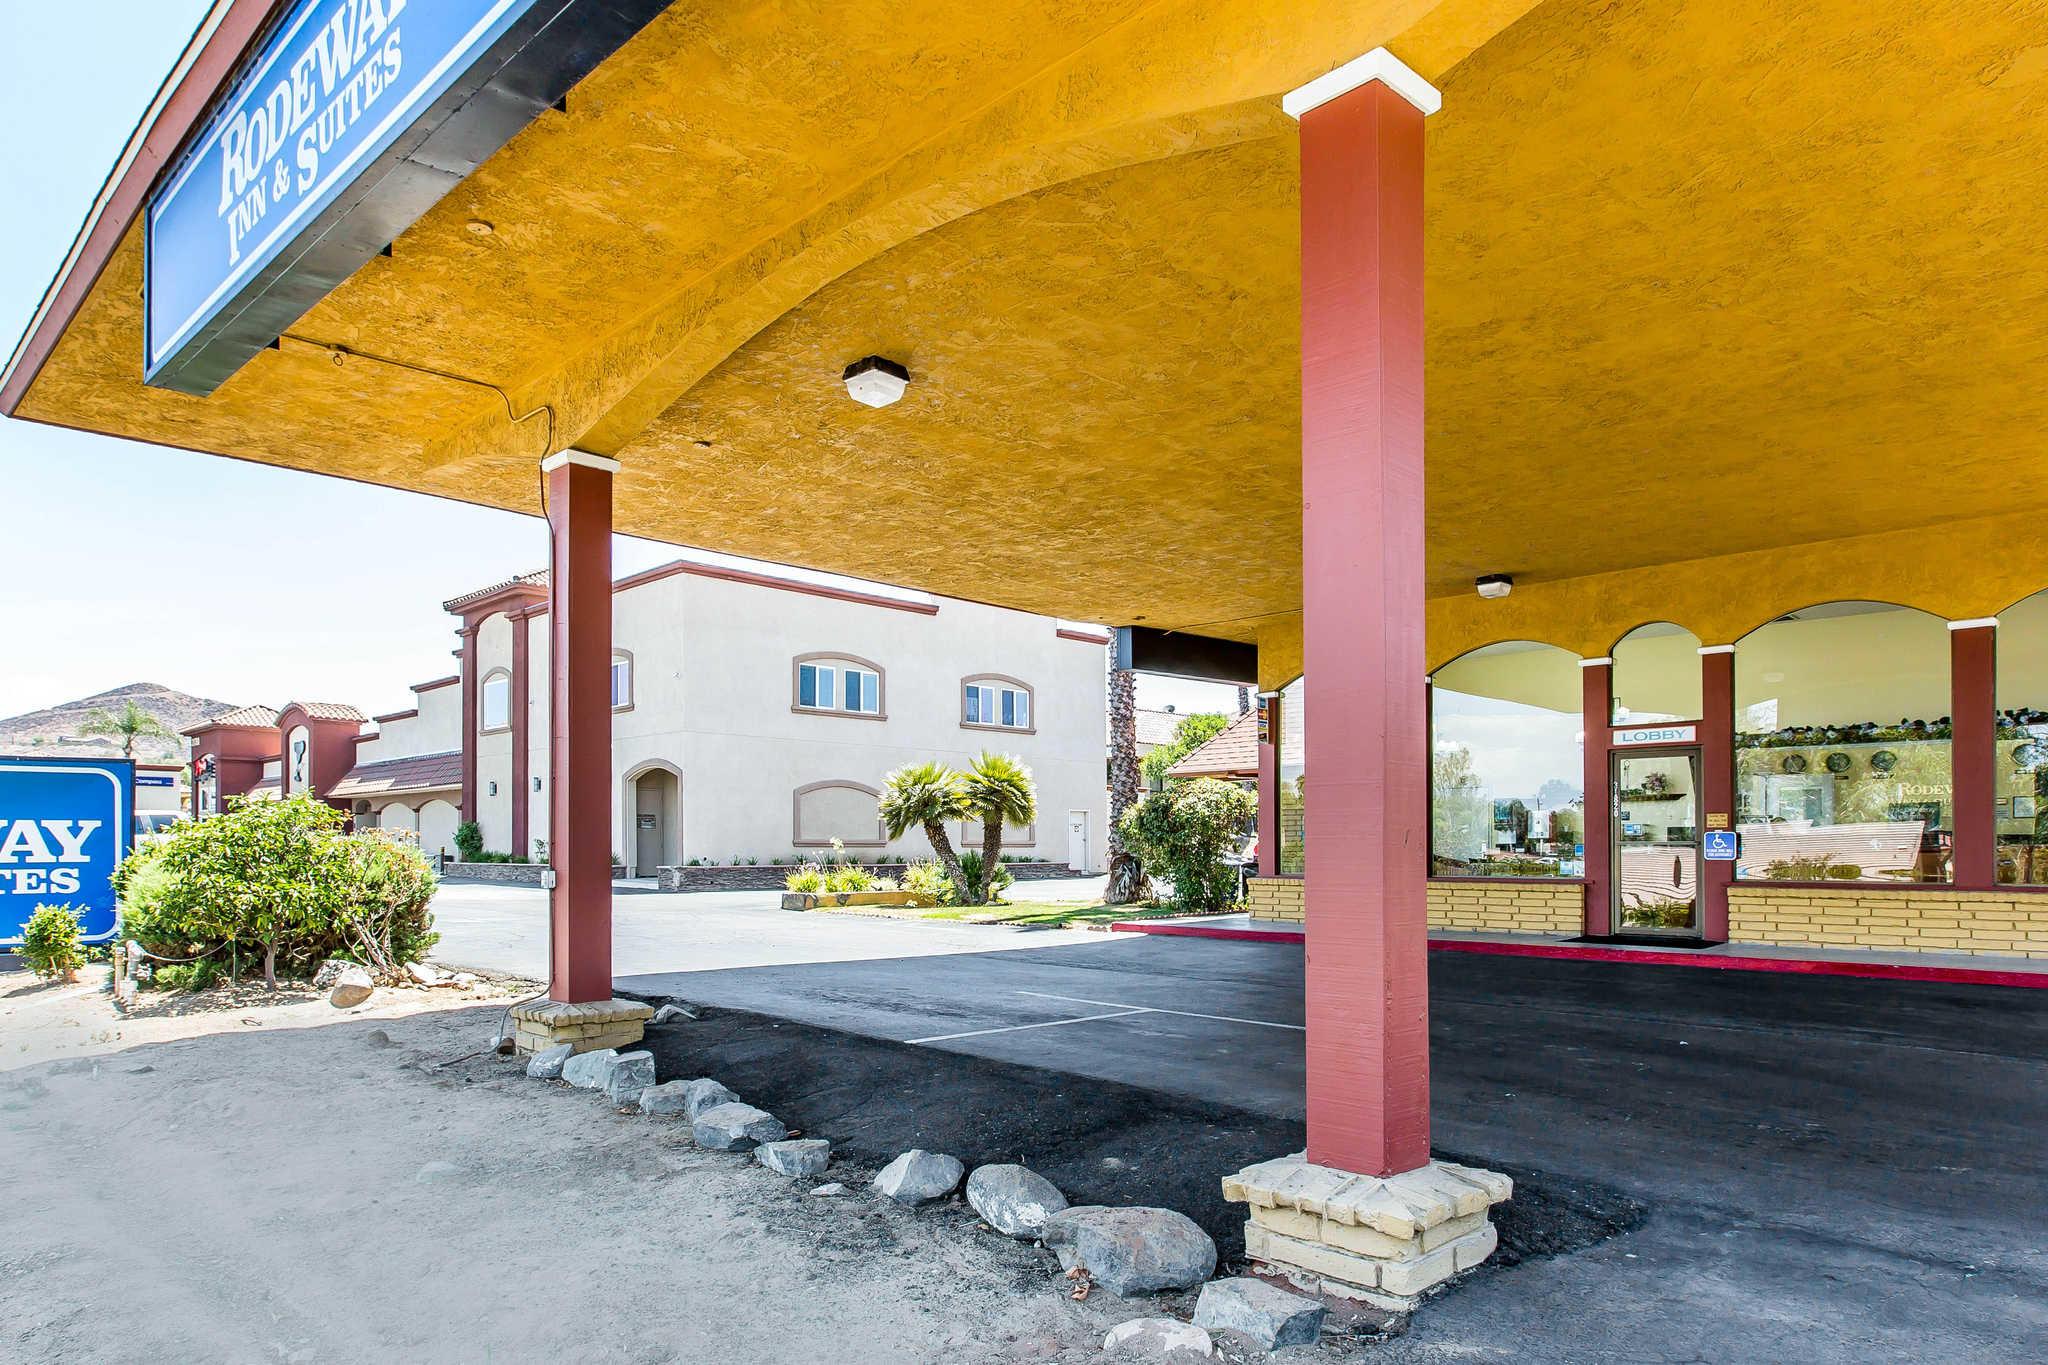 Rodeway Inn & Suites image 2